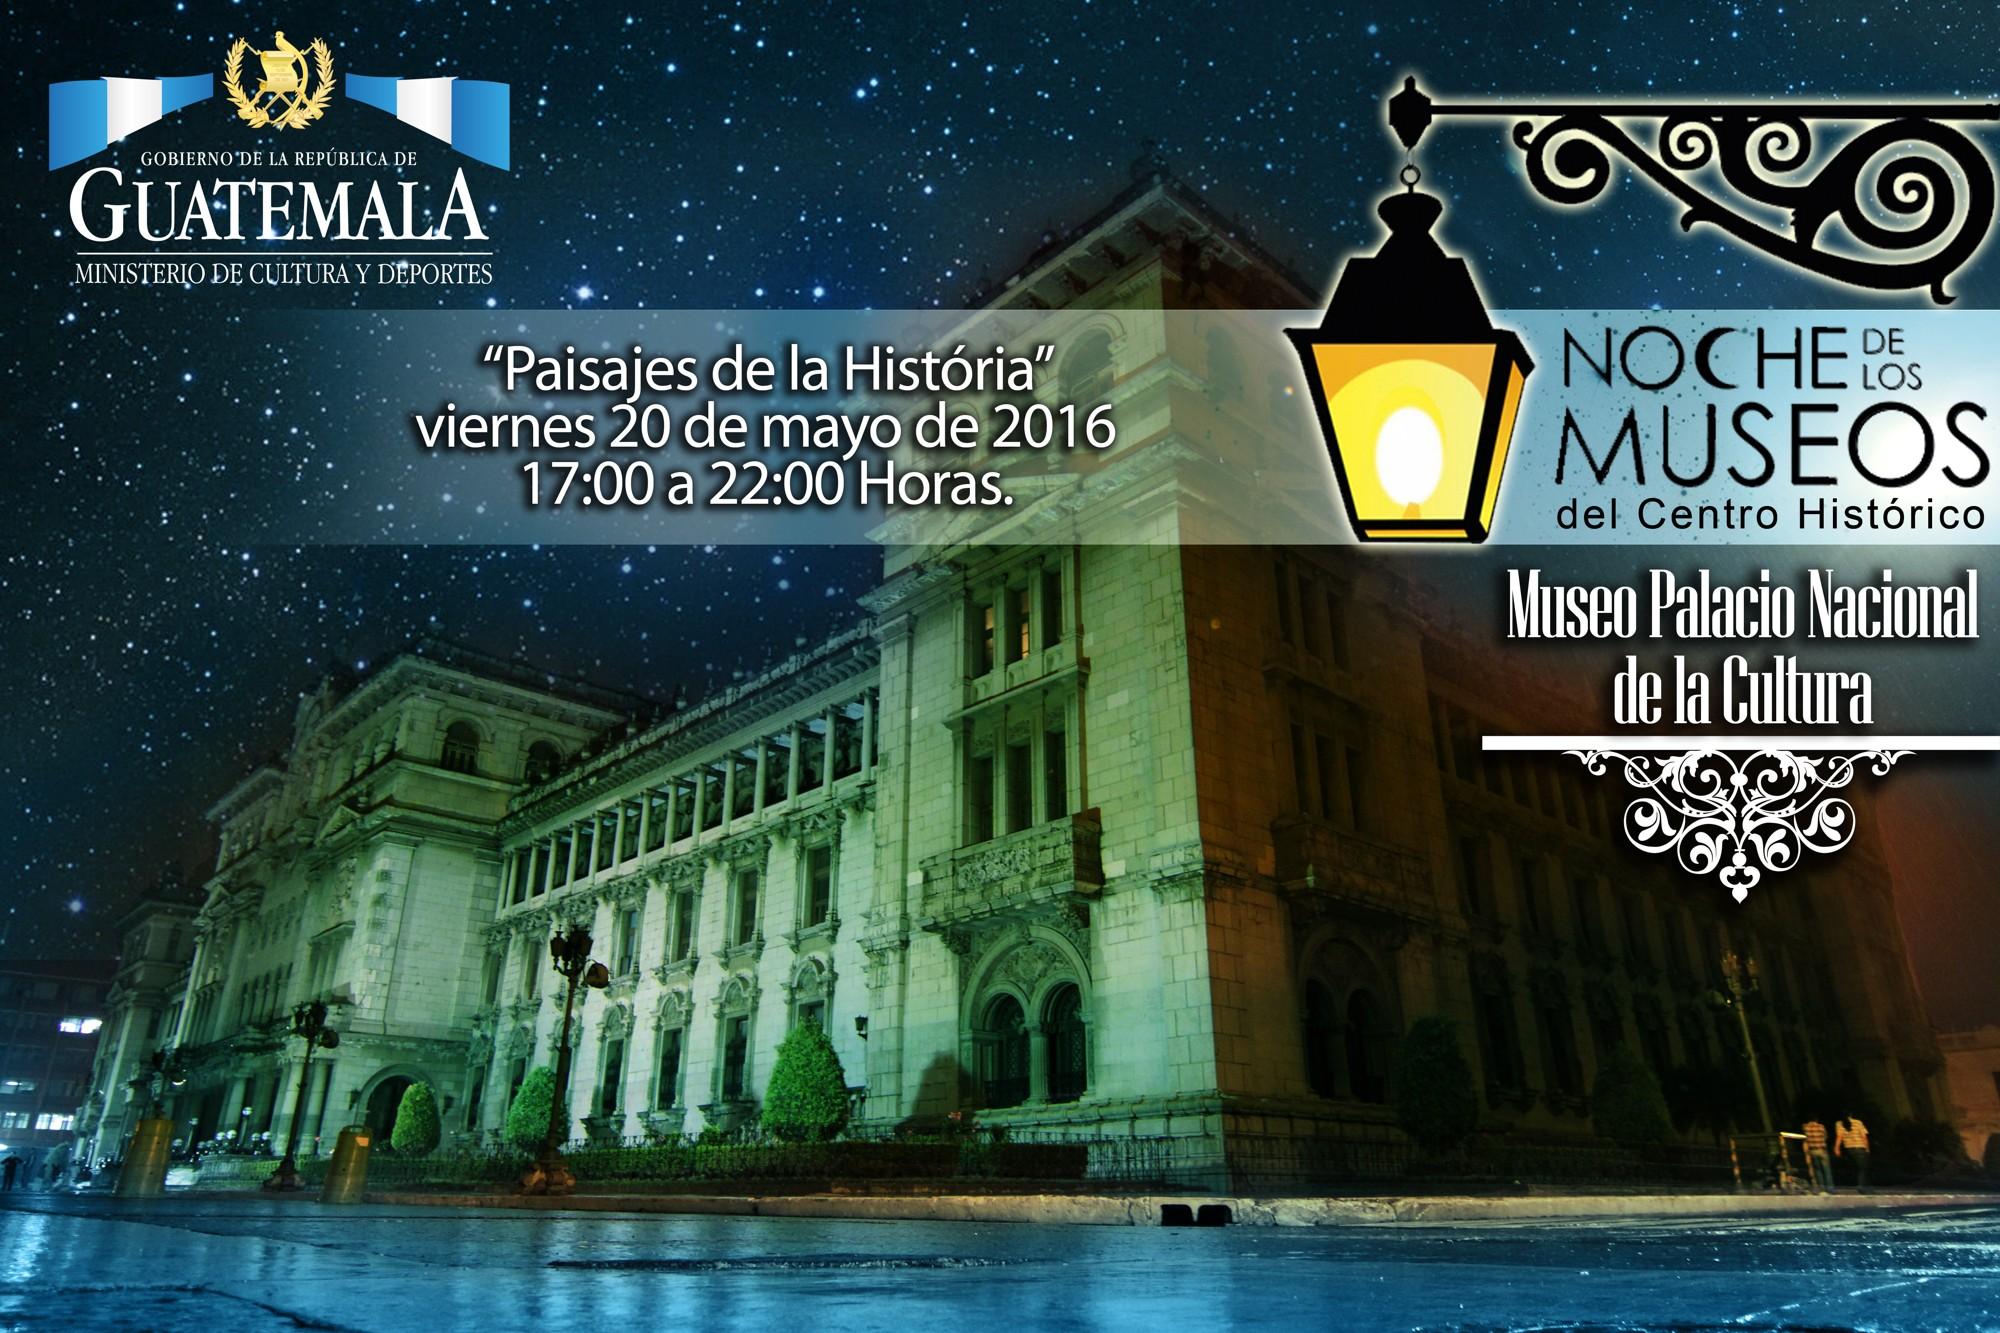 PALACIO NACIONAL NOCHE DE LOS MUSEOS2baja